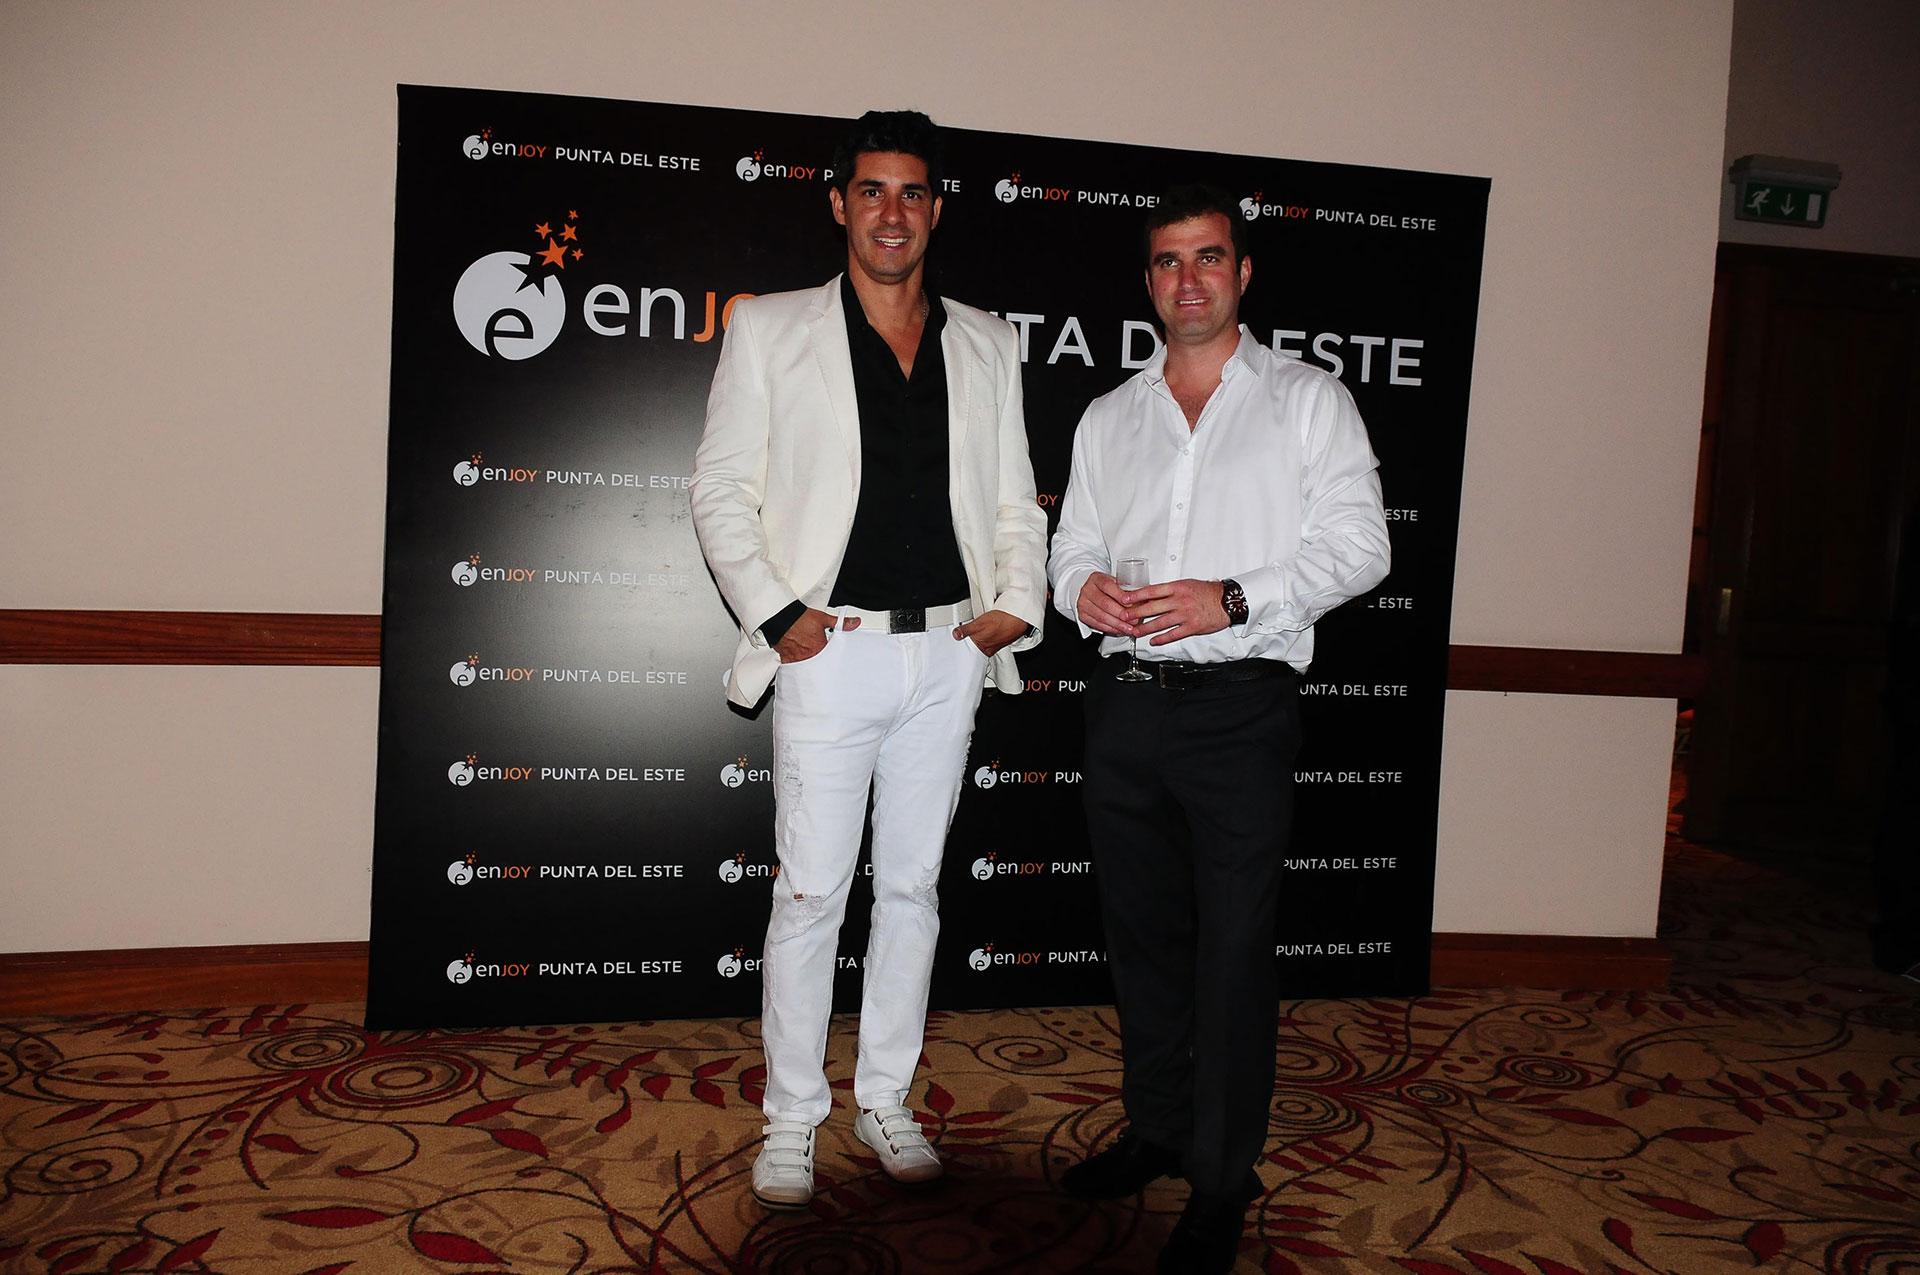 Javier Azcurra y Juan Eduardo Parker, gerente de Relaciones Públicas y gerente general de Enjoy Punta del Este, respectivamente